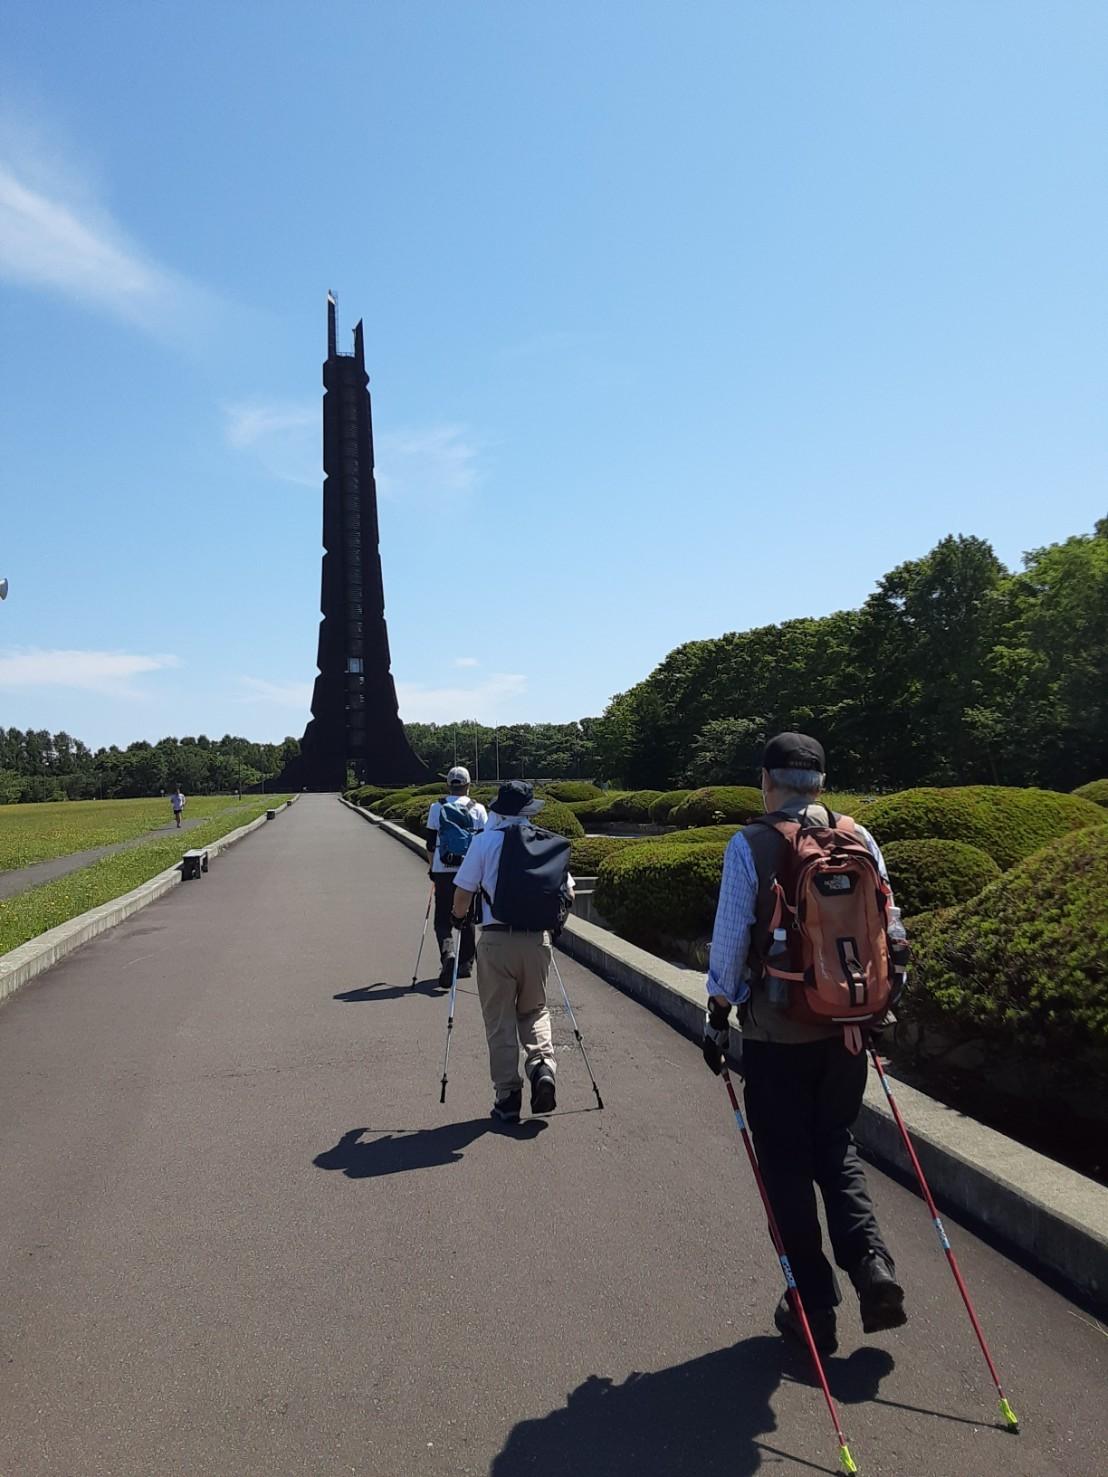 ノルディックウォーキングイベント2021 @野幌森林公園_d0198793_00232022.jpg